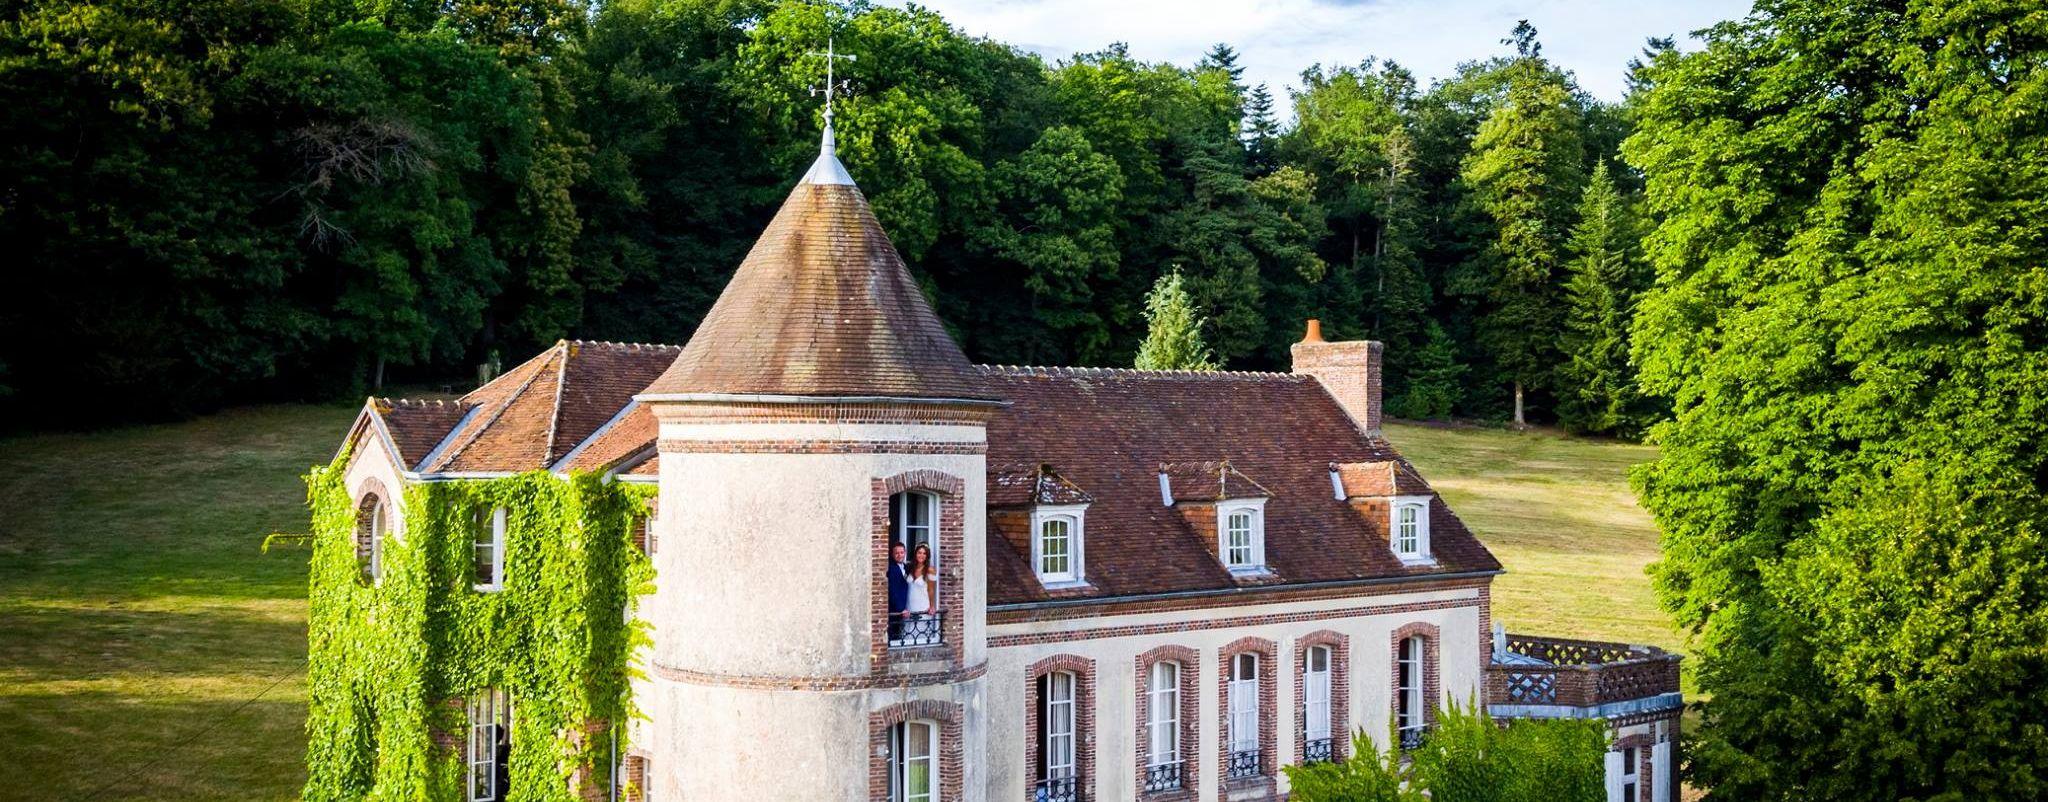 Château de Miserai